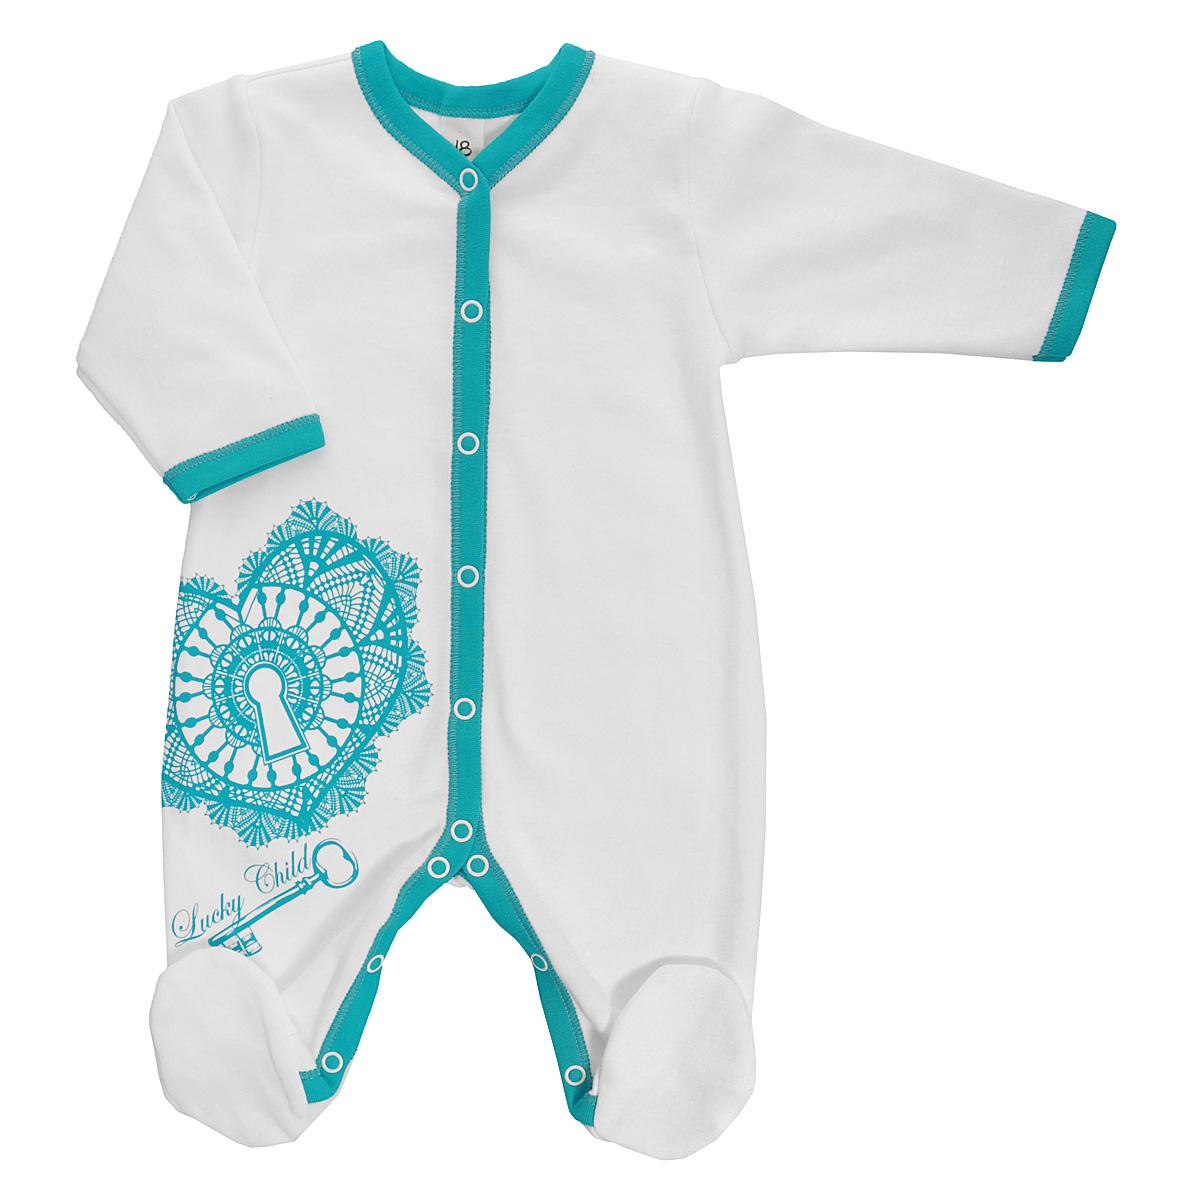 14-1Детский комбинезон Lucky Child - очень удобный и практичный вид одежды для малышей. Комбинезон выполнен из натурального хлопка, благодаря чему он необычайно мягкий и приятный на ощупь, не раздражает нежную кожу ребенка и хорошо вентилируется, а эластичные швы приятны телу малыша и не препятствуют его движениям. Комбинезон с длинными рукавами и закрытыми ножками имеет застежки-кнопки от горловины до щиколоток, которые помогают легко переодеть младенца или сменить подгузник. Оформлена модель оригинальны принтом с изображением необычного сердечка и ключа от него, а также принтовой надписью с названием бренда. С детским комбинезоном Lucky Child спинка и ножки вашего малыша всегда будут в тепле, он идеален для использования днем и незаменим ночью. Комбинезон полностью соответствует особенностям жизни младенца в ранний период, не стесняя и не ограничивая его в движениях!